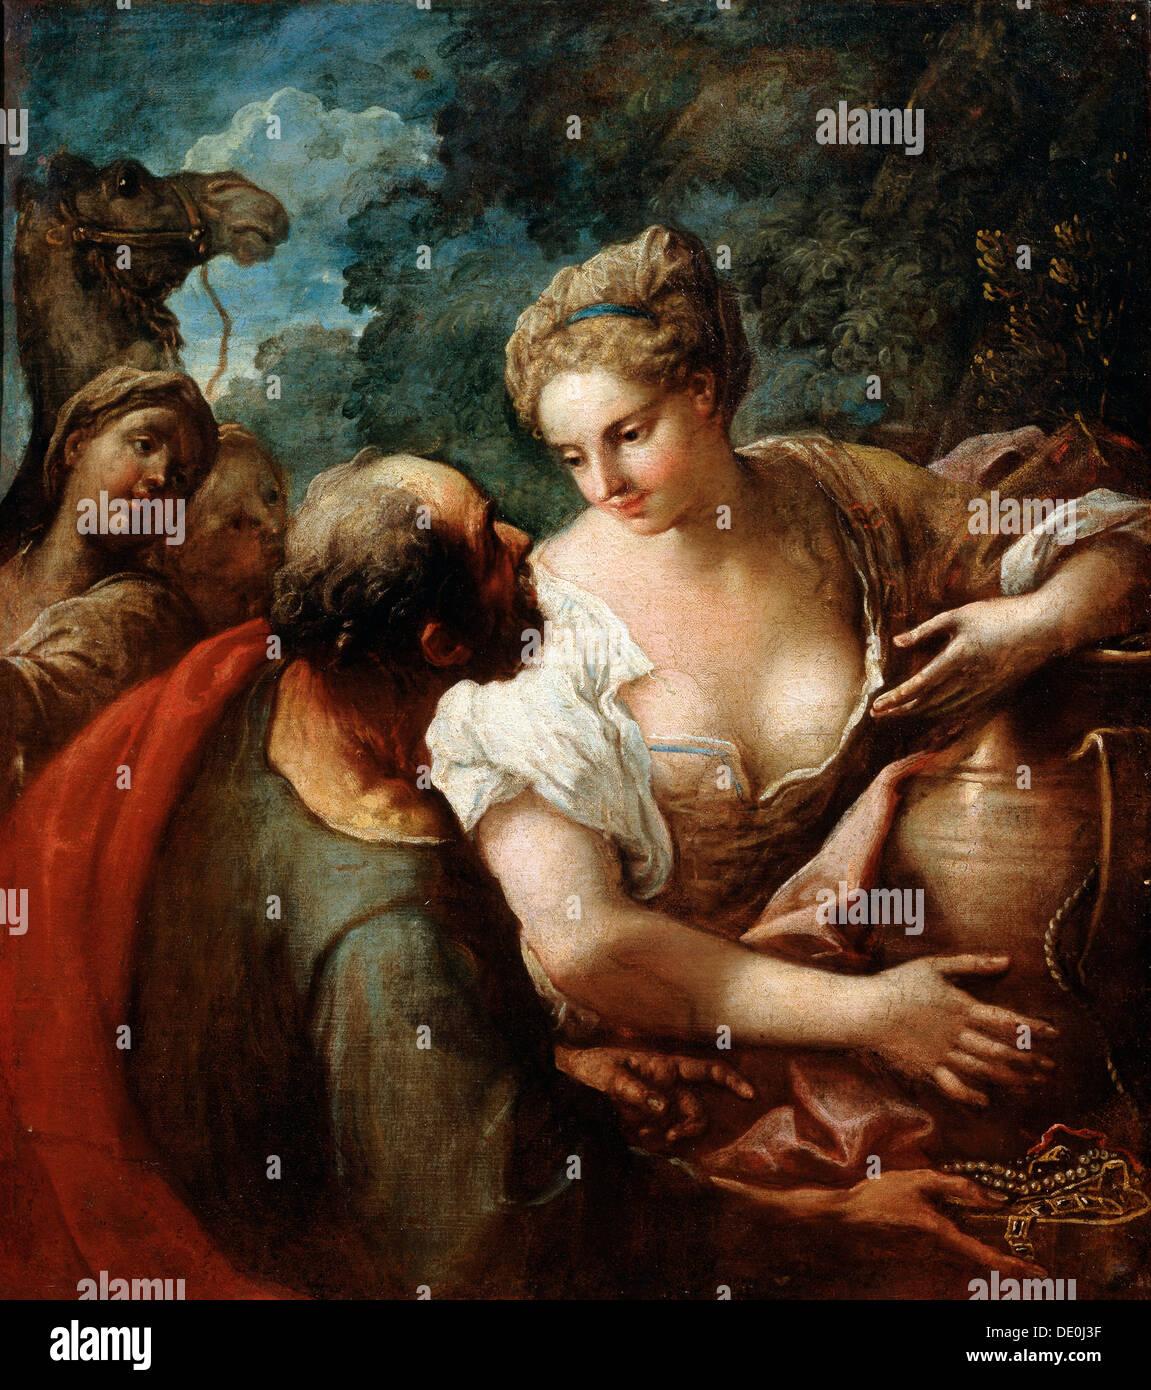 'Rebecca au puits', 16ème siècle. Artiste: Titien Photo Stock